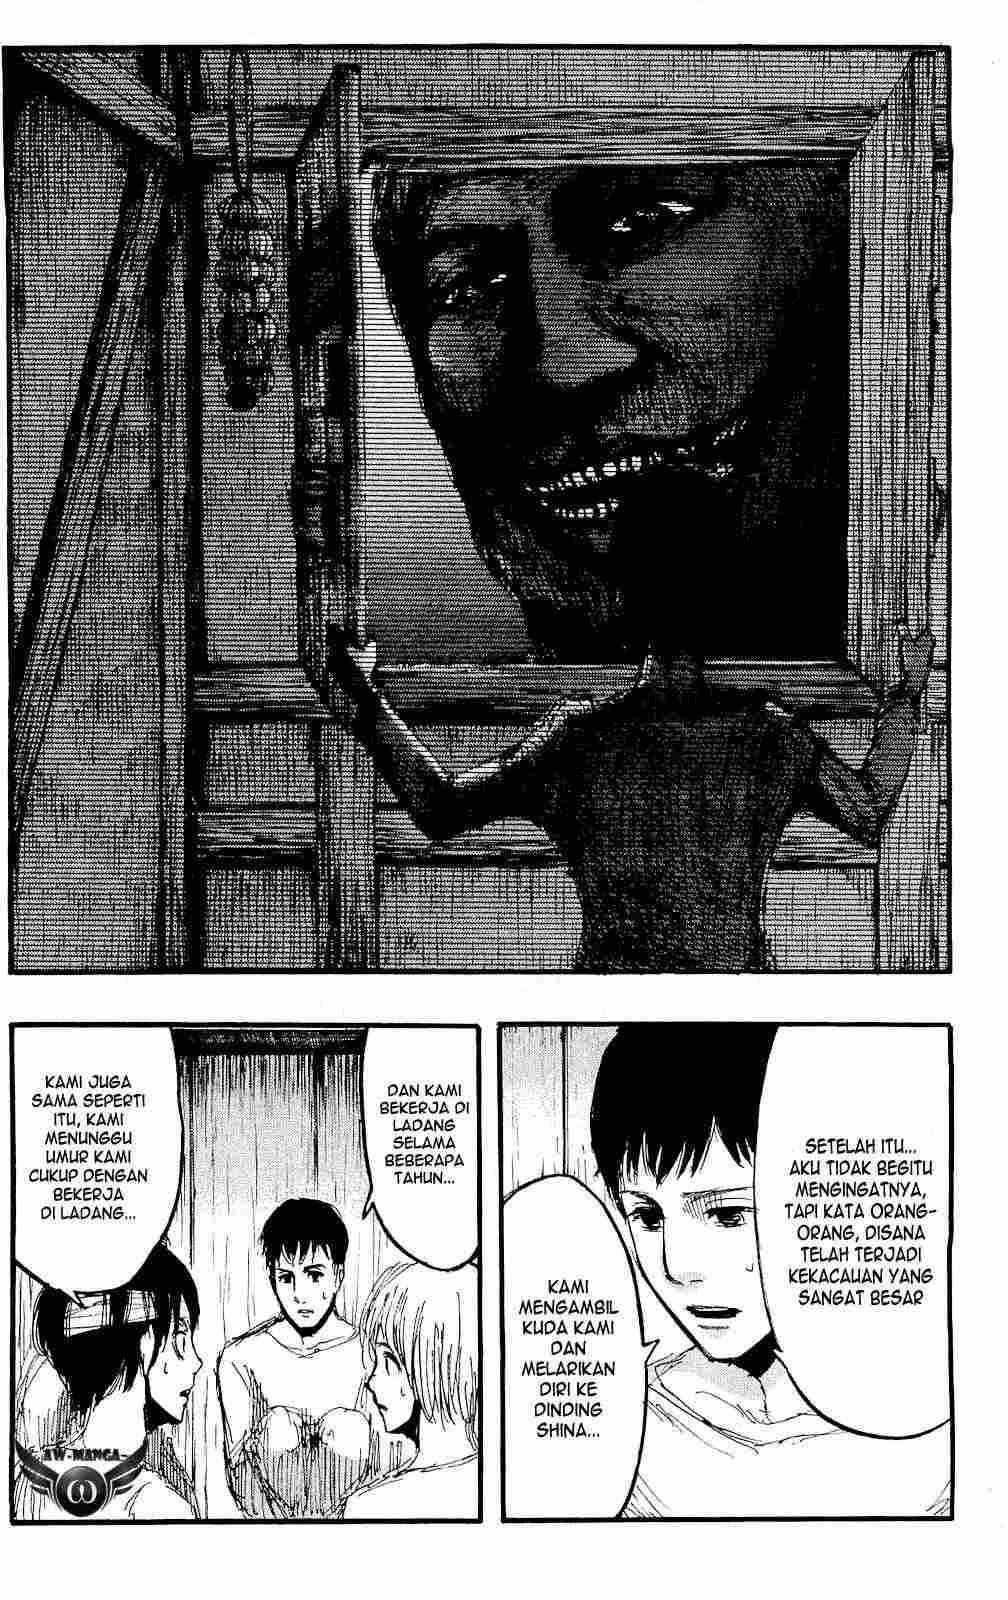 Komik shingeki no kyojin 016 - kebutuhan 17 Indonesia shingeki no kyojin 016 - kebutuhan Terbaru 18|Baca Manga Komik Indonesia|